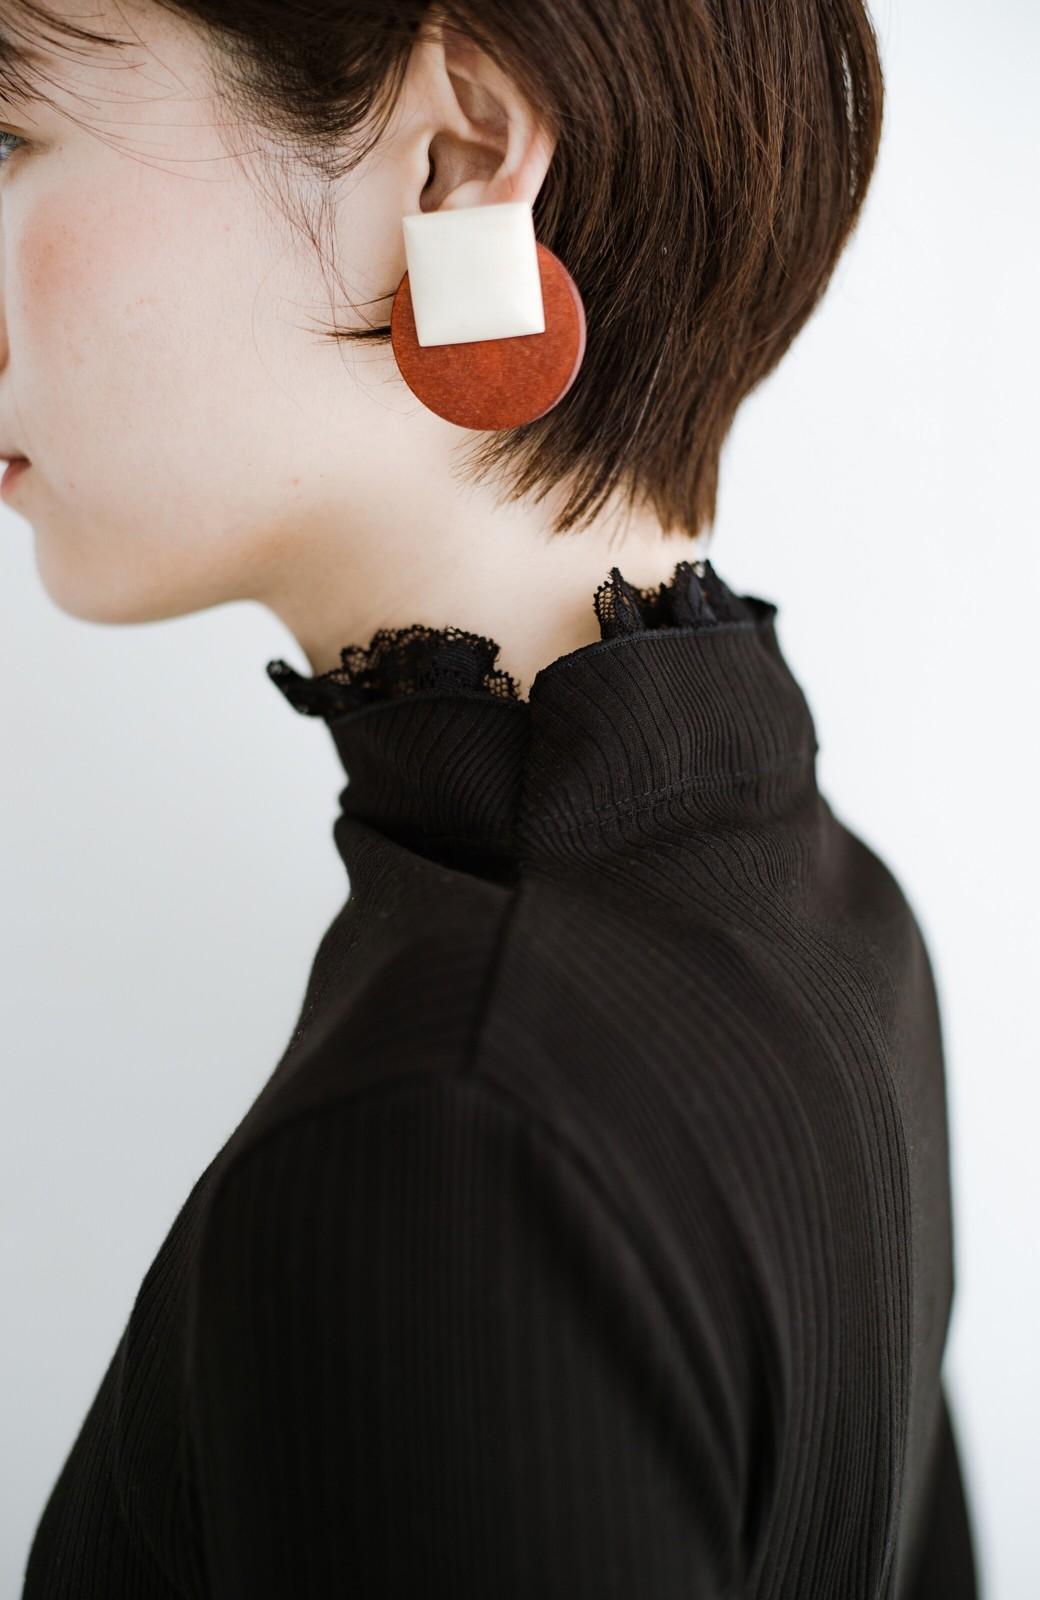 haco! 1枚でも重ねても便利!テレコ素材できれいに着られる衿レース付きカットソートップスby style zampa <ブラック>の商品写真4